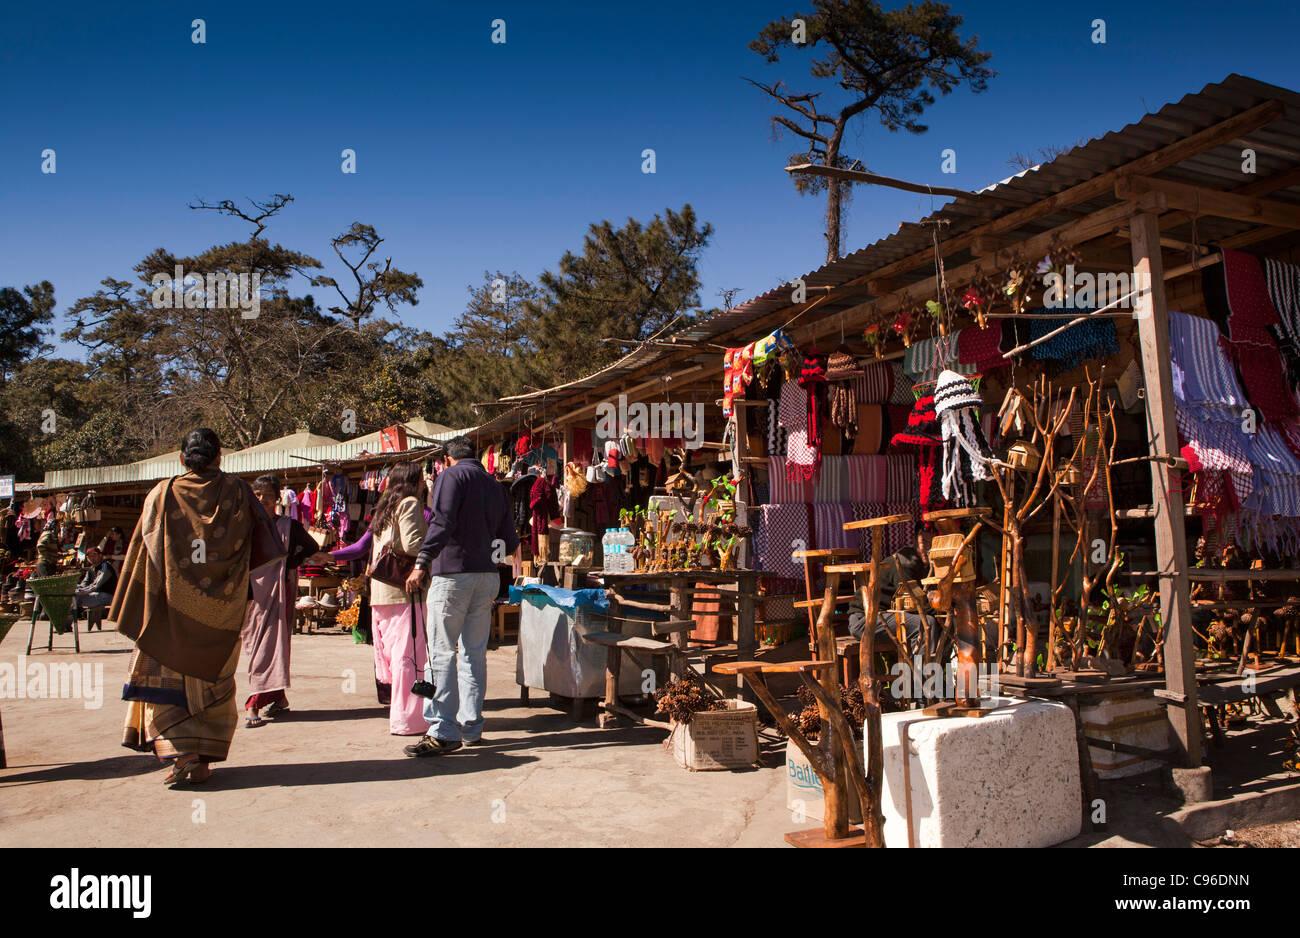 L'Inde, Meghalaya, Shillong, collines khasi, Elephant Falls, un petit marché de souvenirs pour touristes Photo Stock